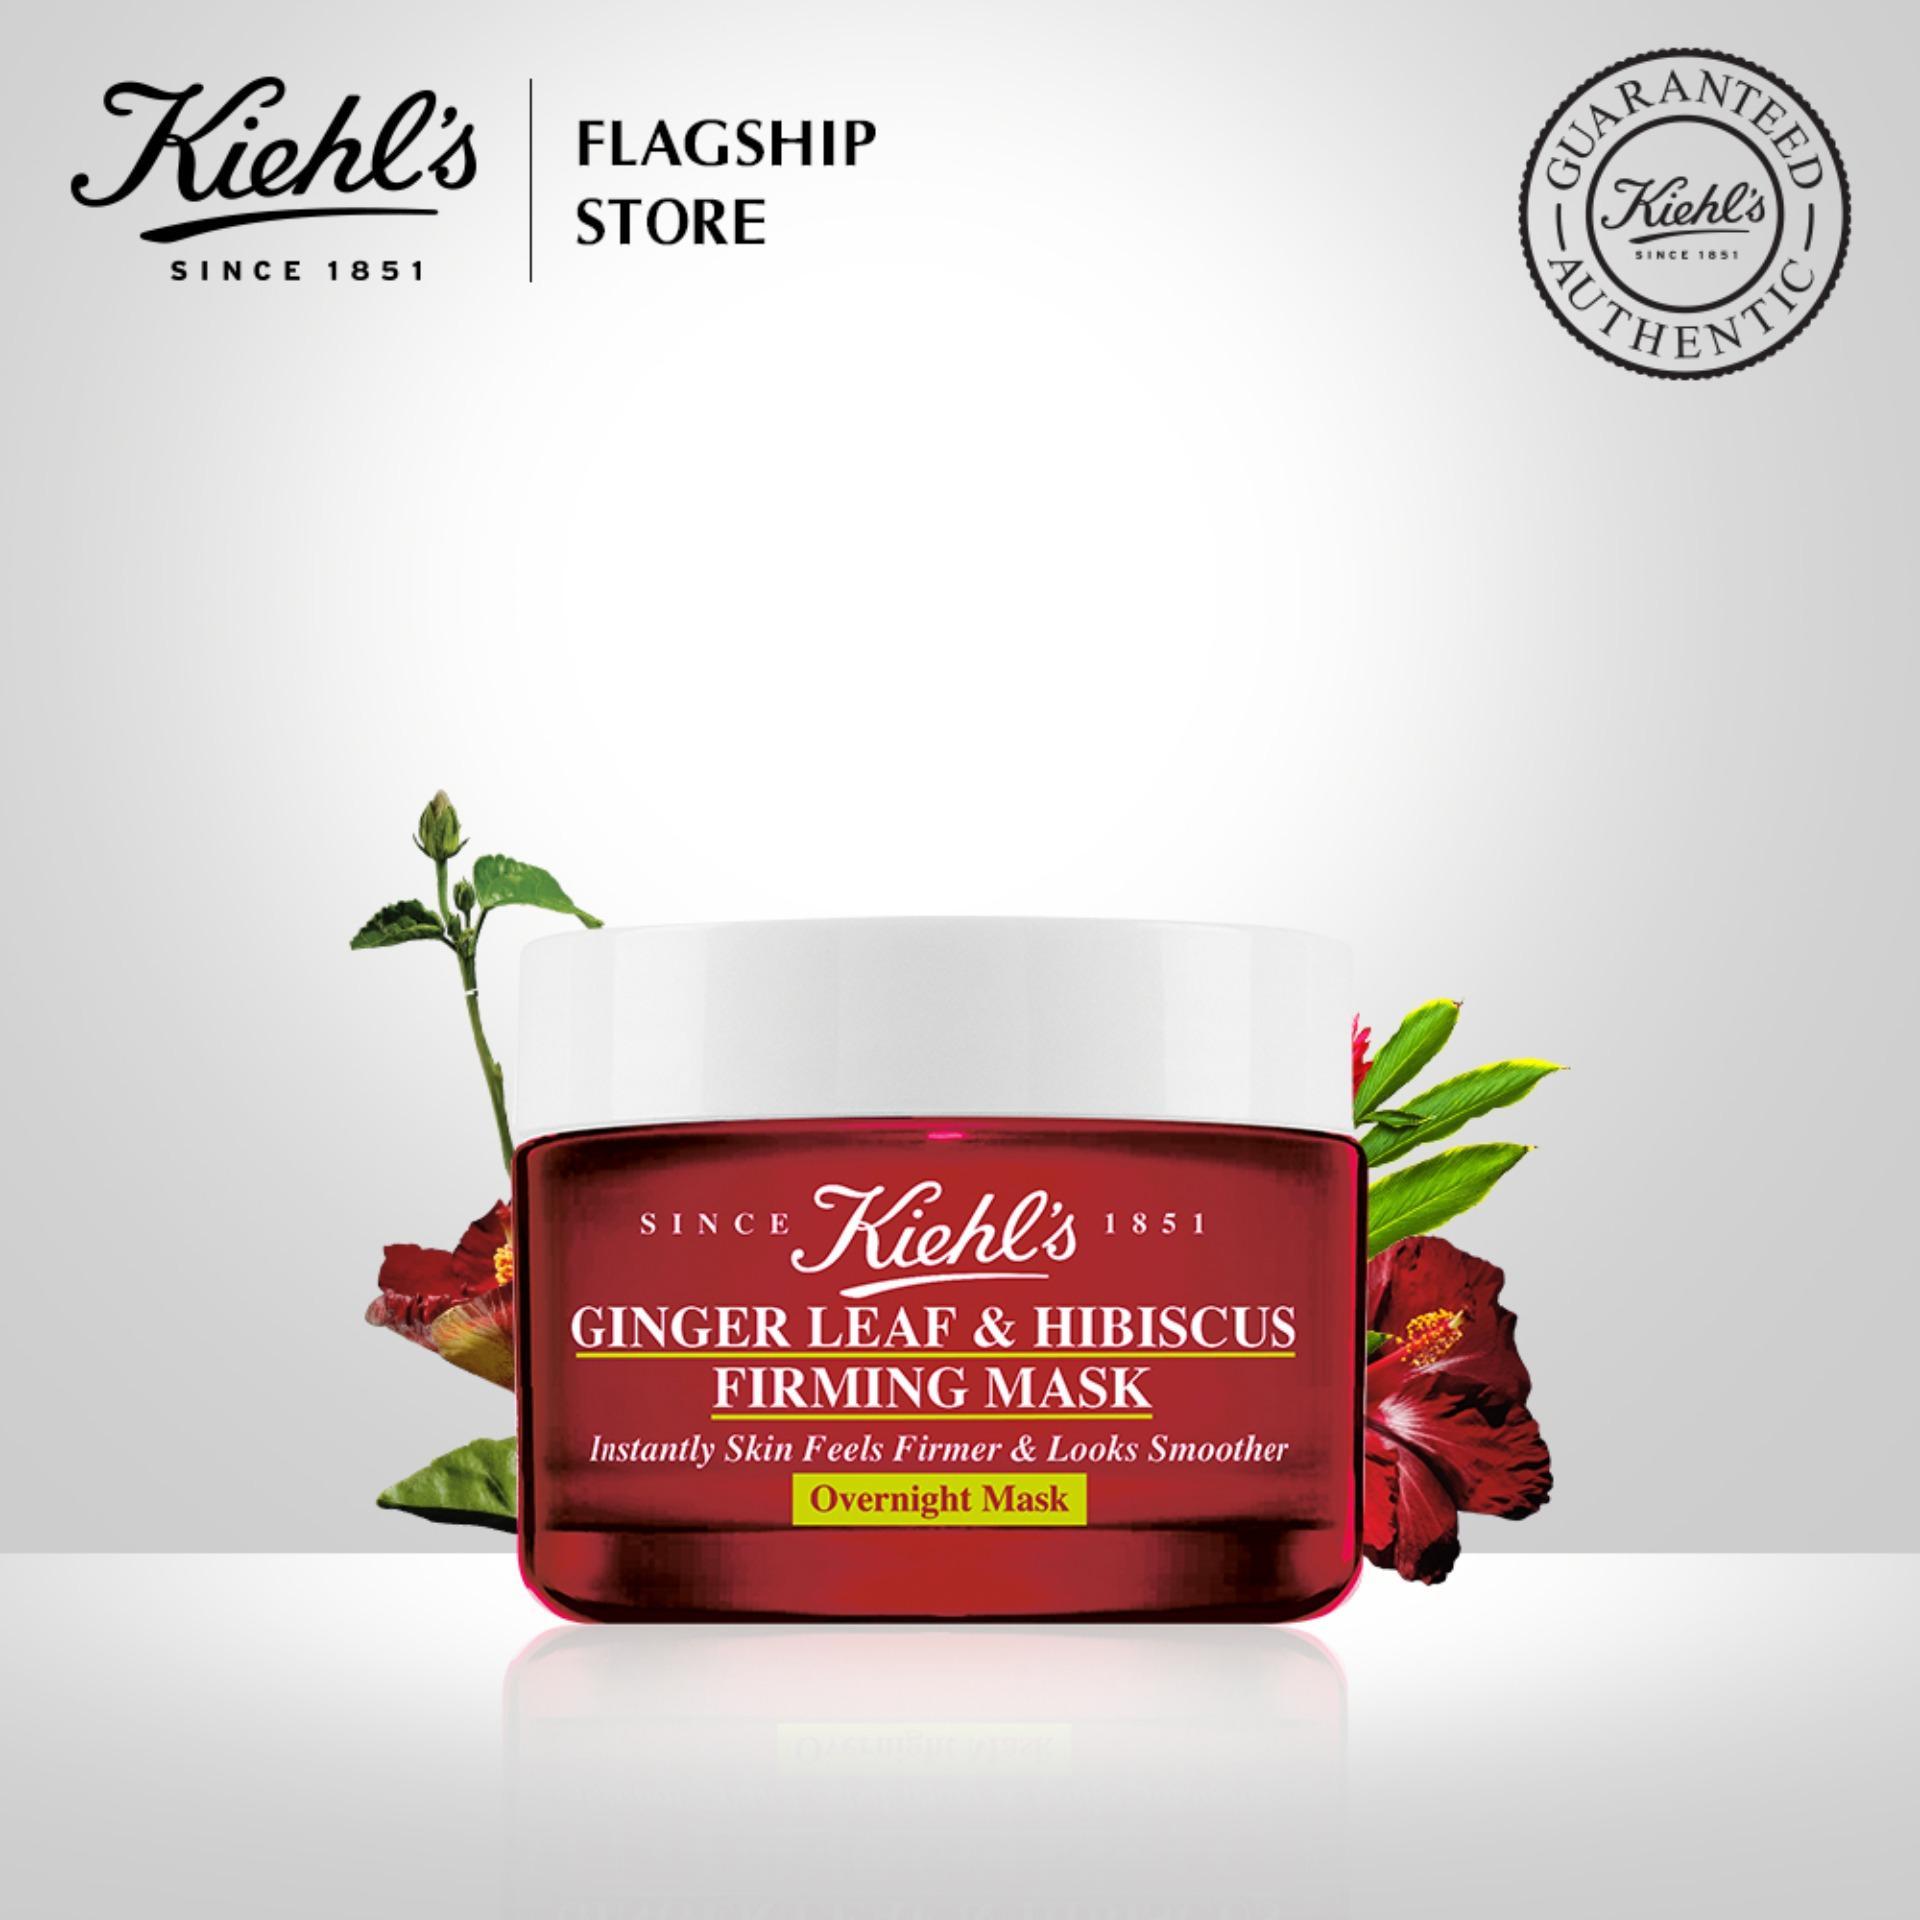 Mặt Nạ Ngủ Chống Lão Hoá Kiehls Ginger Leaf & Hibiscus Firming Mask 28ML chính hãng